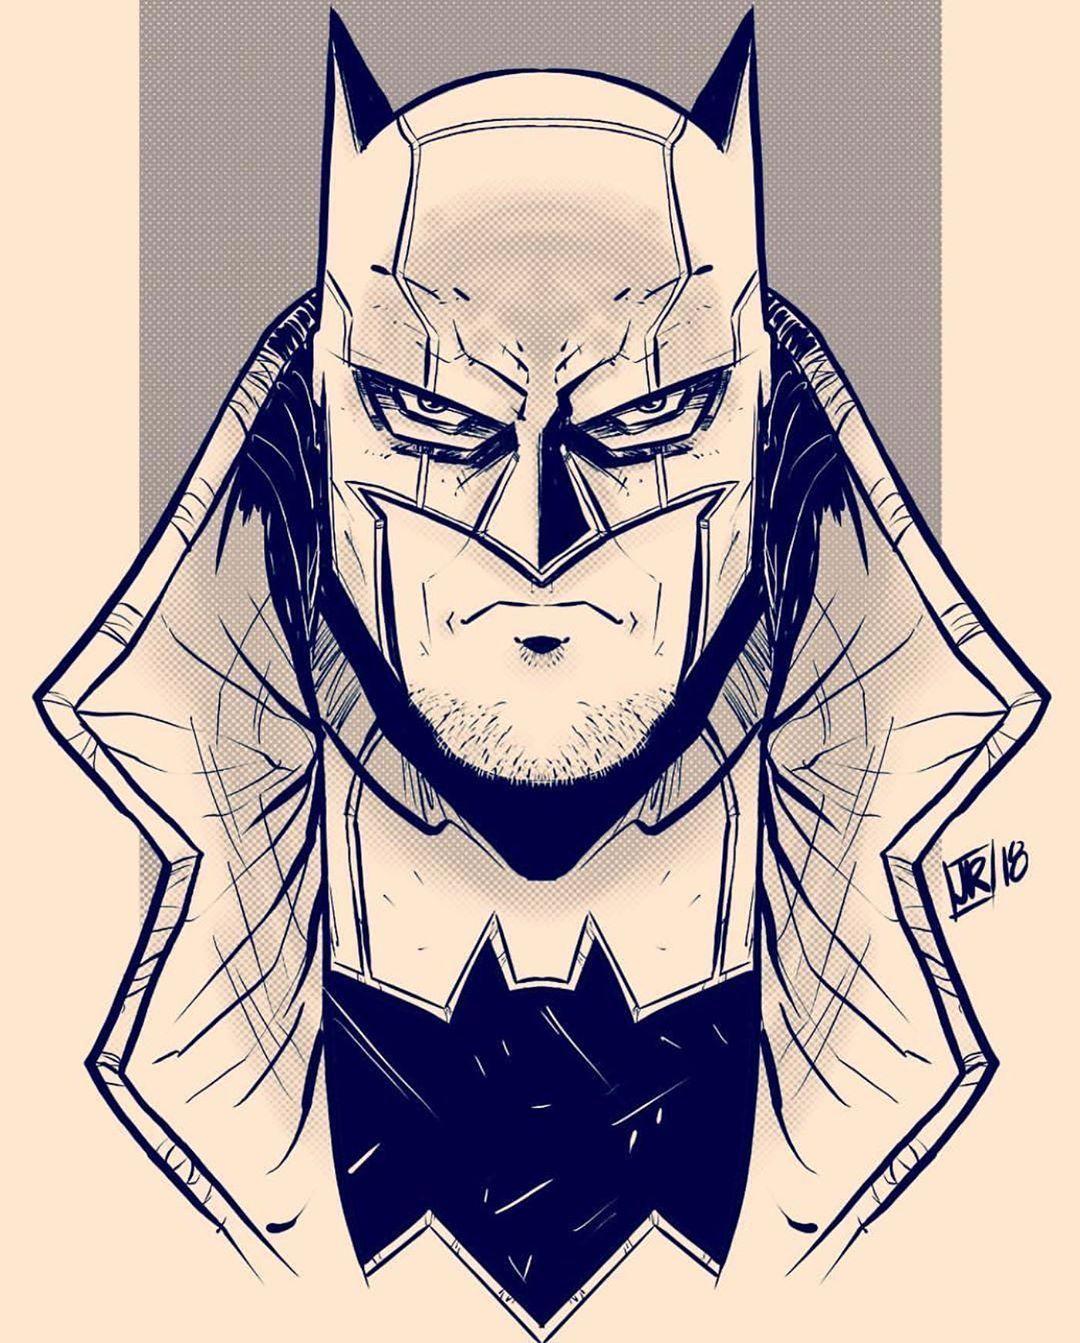 Tbt To My Gotham By Gaslight Steampunk Batman Sketch From A Few Months Ago Maybe Ill Do Something Tbt To My Gotham Batman Artwork Batman Batman Artwork Draw